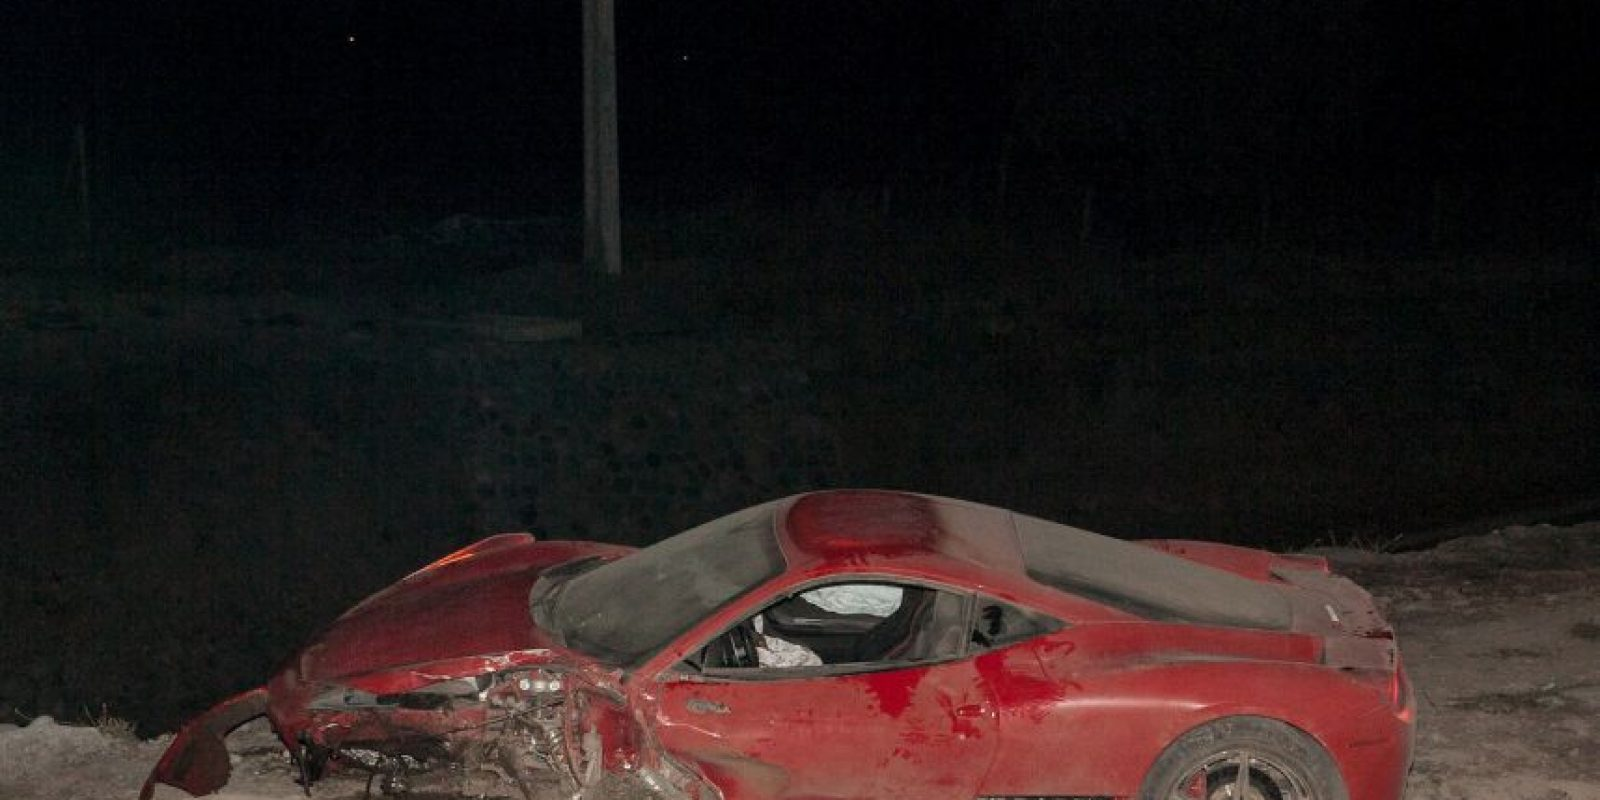 """Arturo Vidal protagonizó el escándalo de la Copa América 2015. El volante chileno chocó su automóvil mientras volvía a la concentración de """"la Roja"""", tras una noche de copas y juegos en un casino. Foto:AFP"""